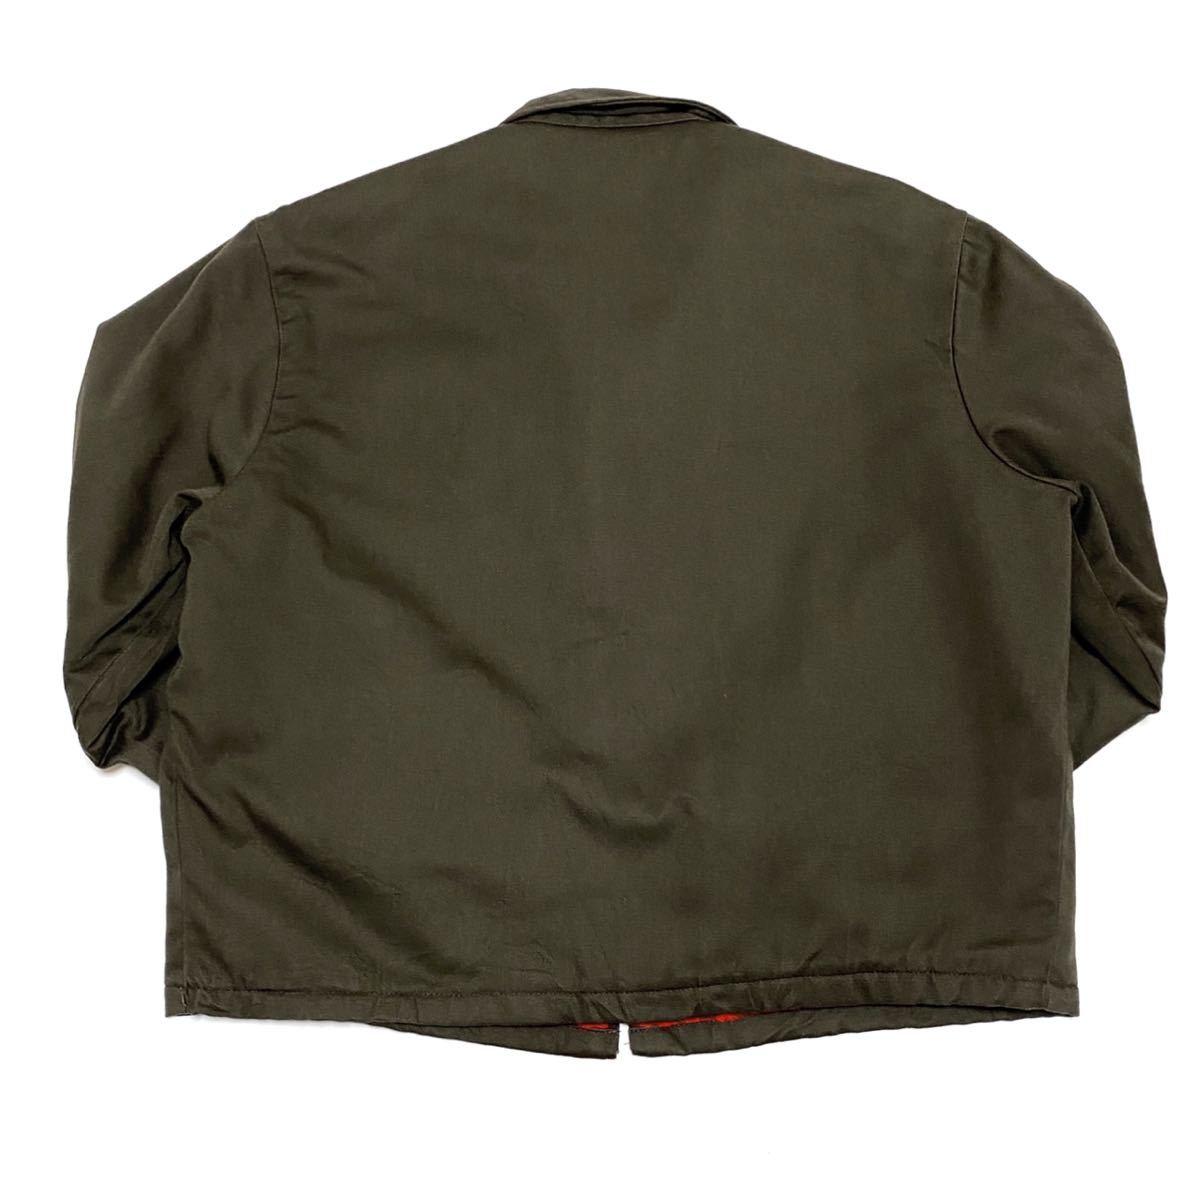 XL相当 70s BIG MAC ビッグマック メンズ ワークジャケット 涙タロン ロケットタロン カーキ 緑系 ビンテージ アメリカ古着_画像9